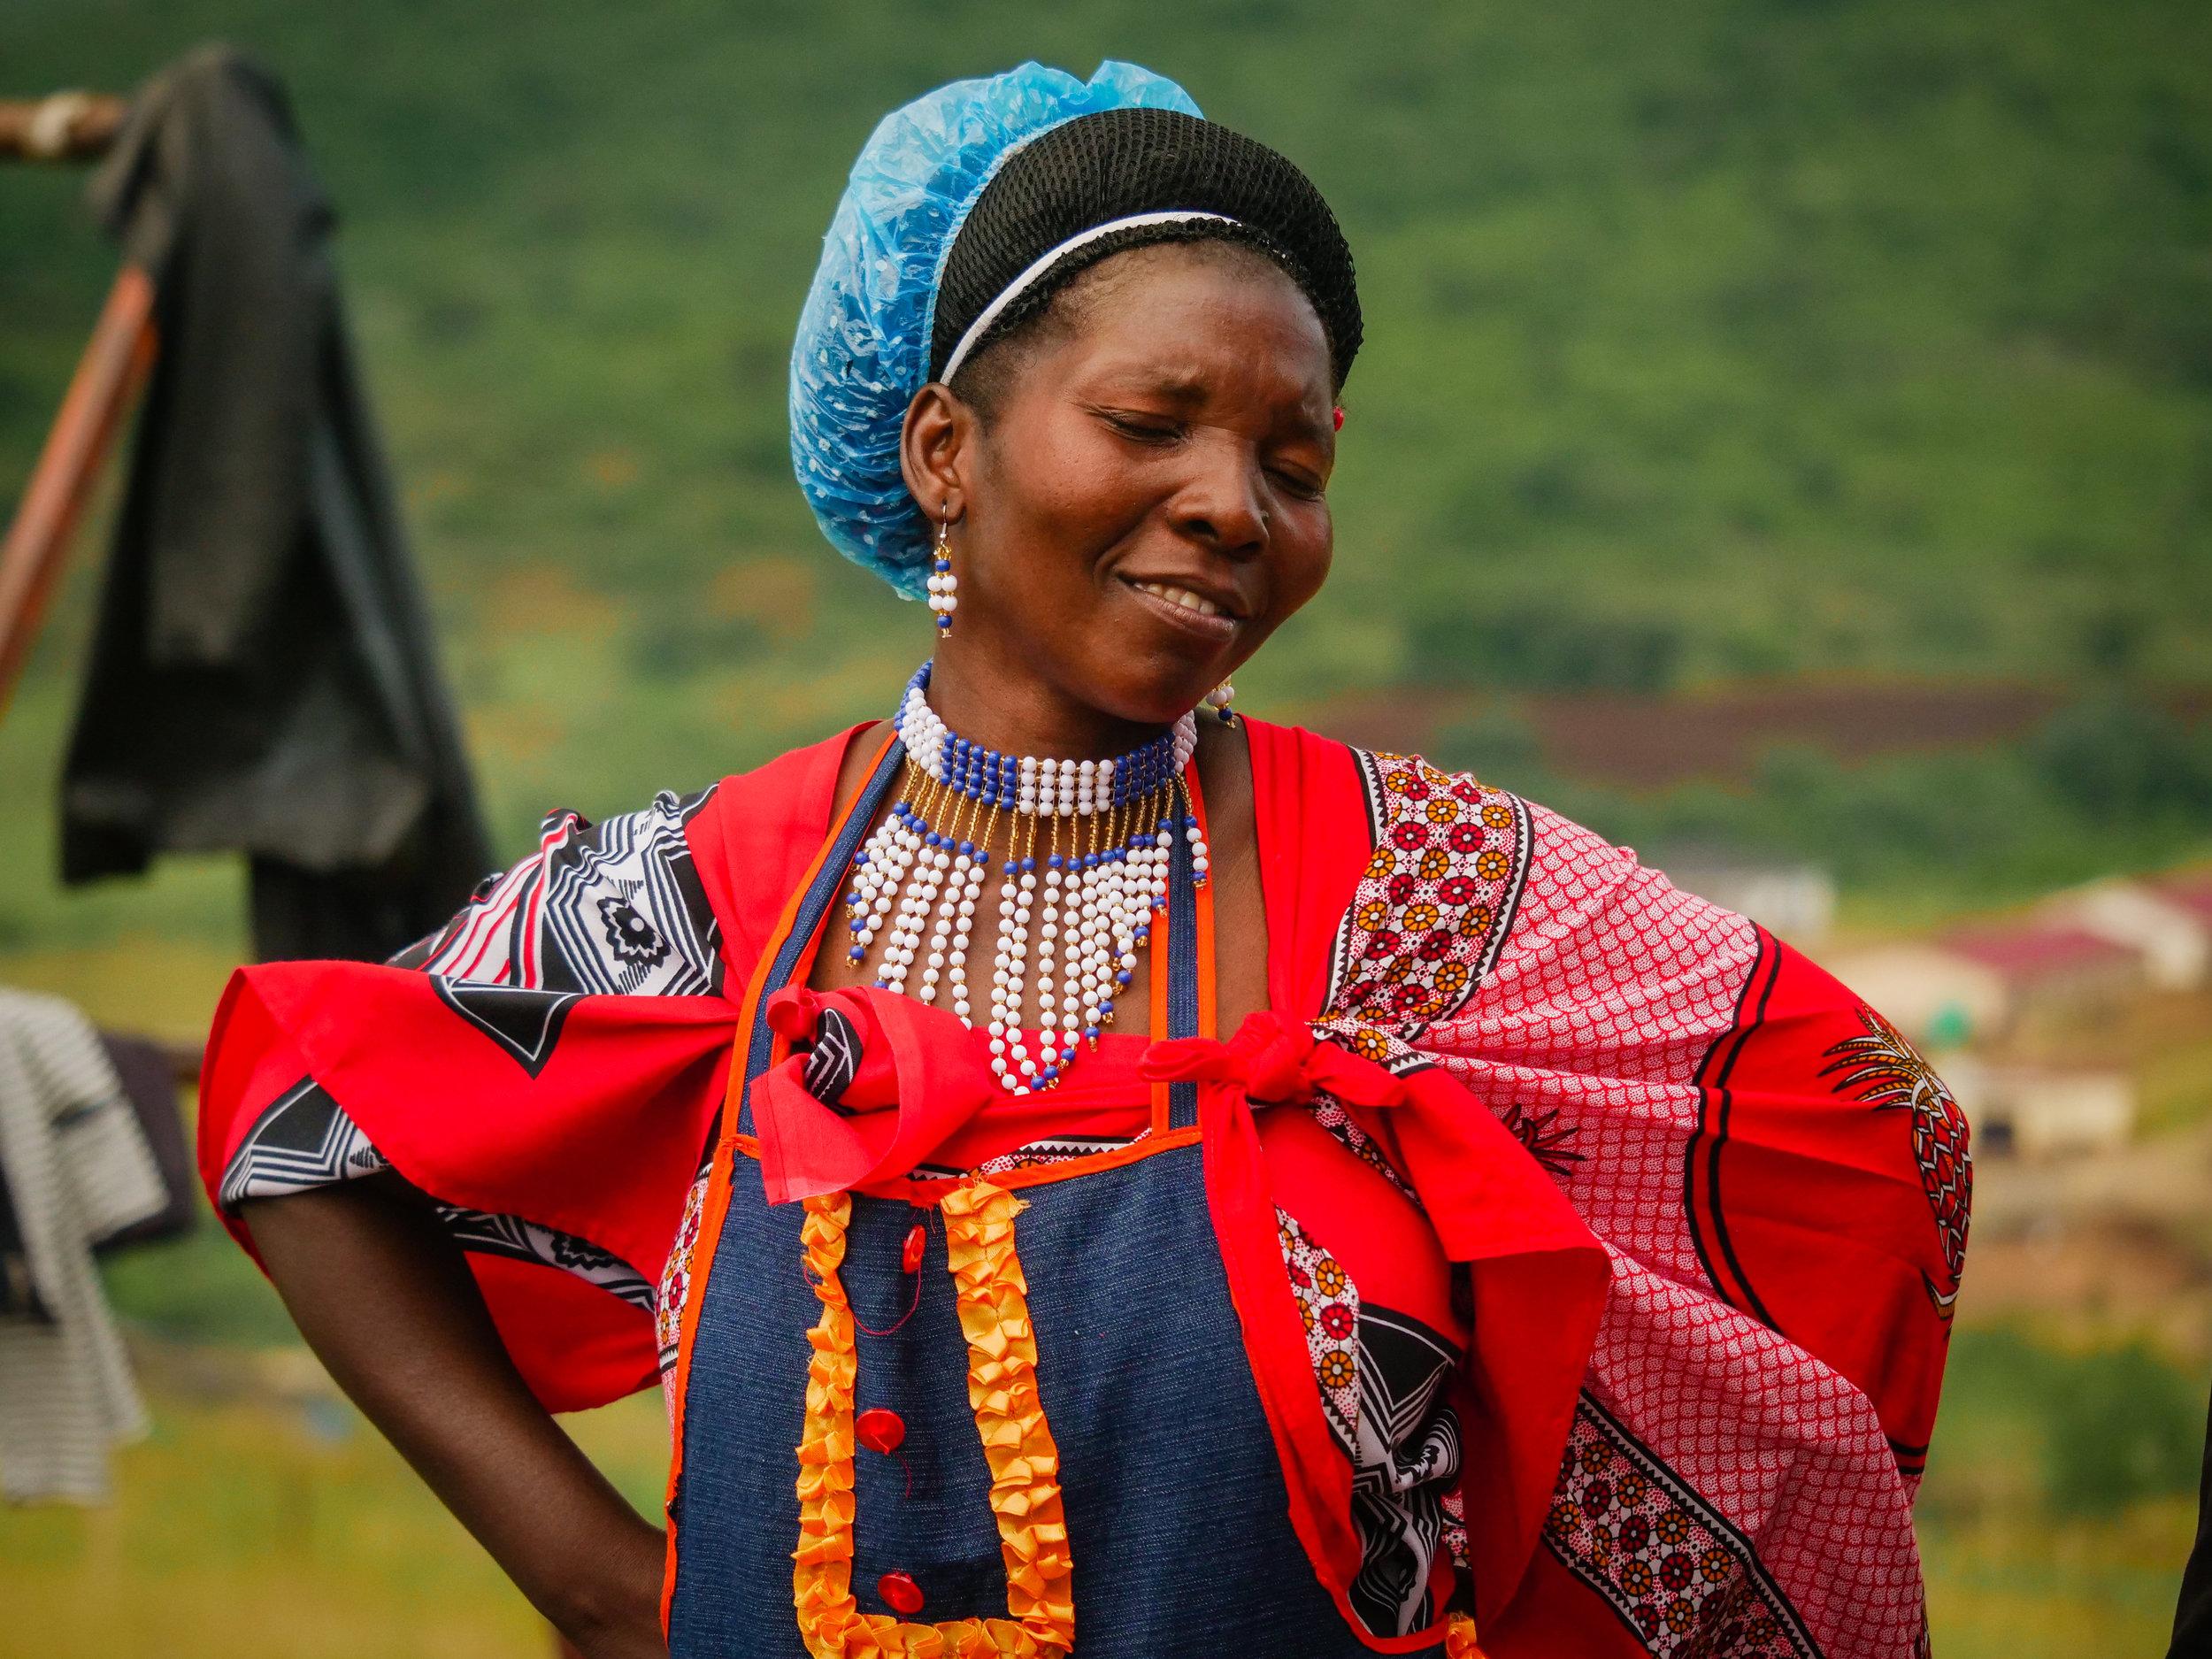 eGebeni, Swaziland